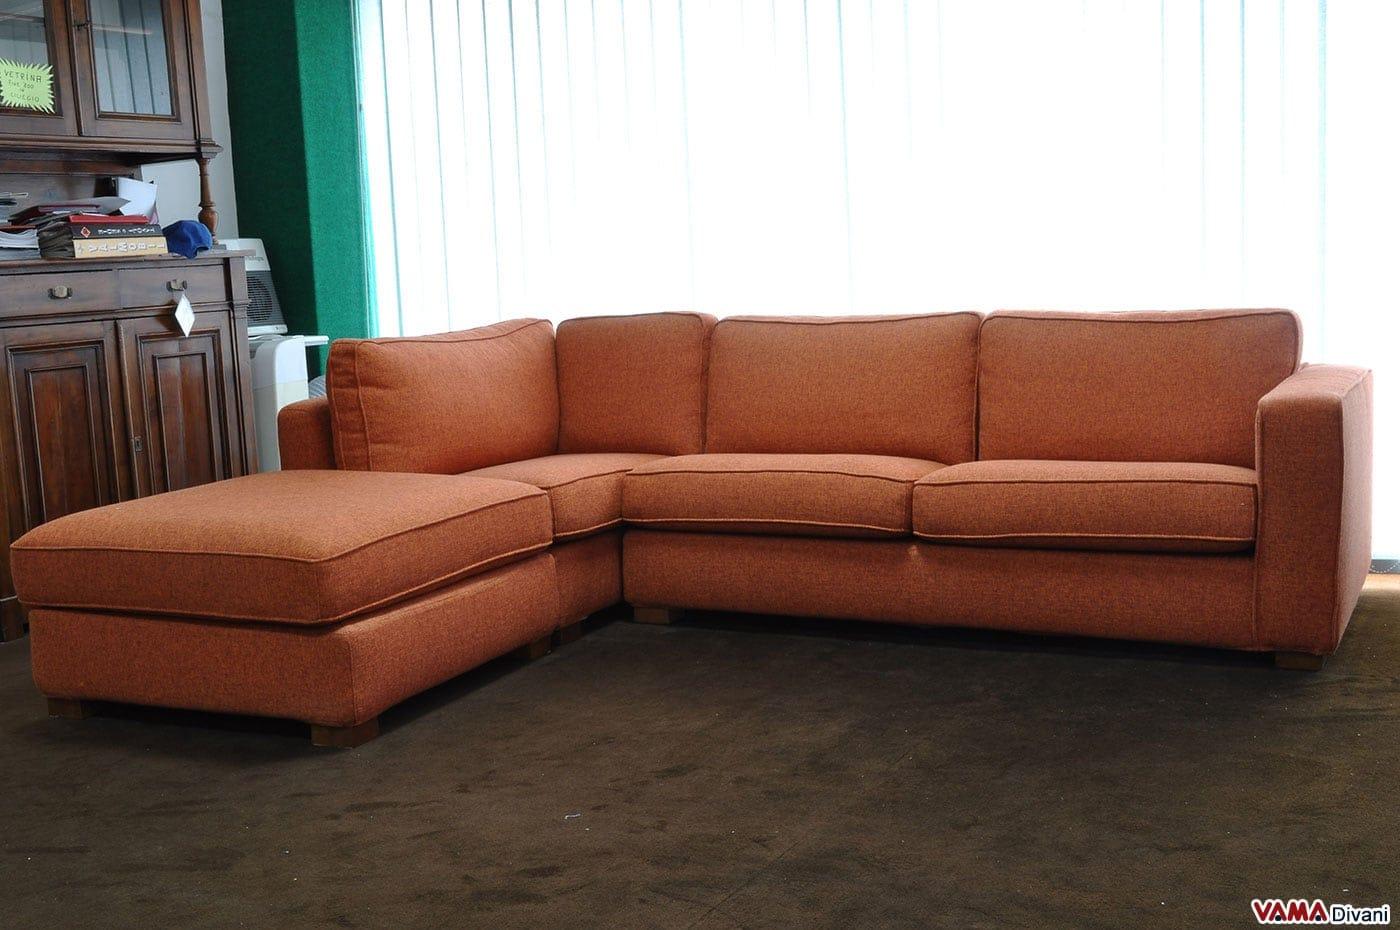 Divano angolare in tessuto arancione in offerta occasione for Divano letto in pelle prezzi